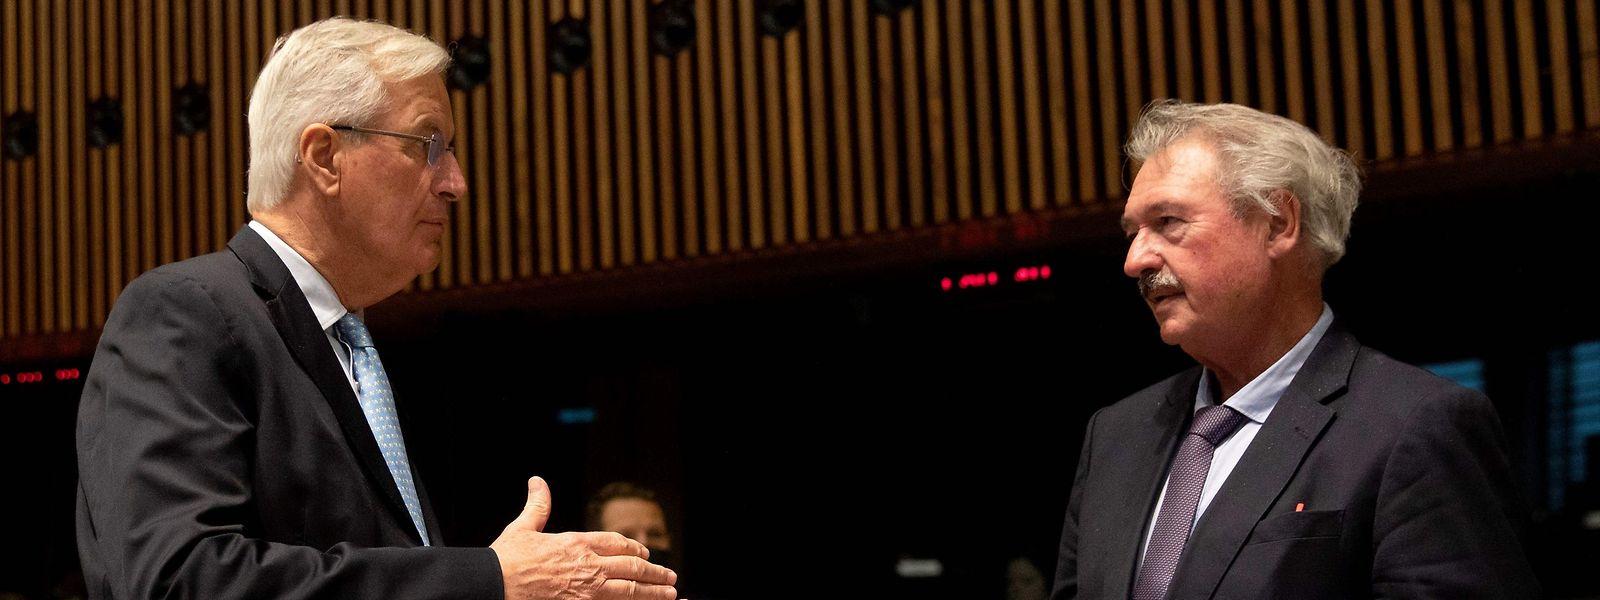 Michel Barnier (en discussion avec Jean Asselborn, à dr.) a souligné qu'en dépit de discussions plus «constructives» qu'auparavant avec Londres, les points de blocage persistaient sur la pêche, les garanties réclamées aux Britanniques en matière de concurrence et la manière de régler les différends dans le futur accord.